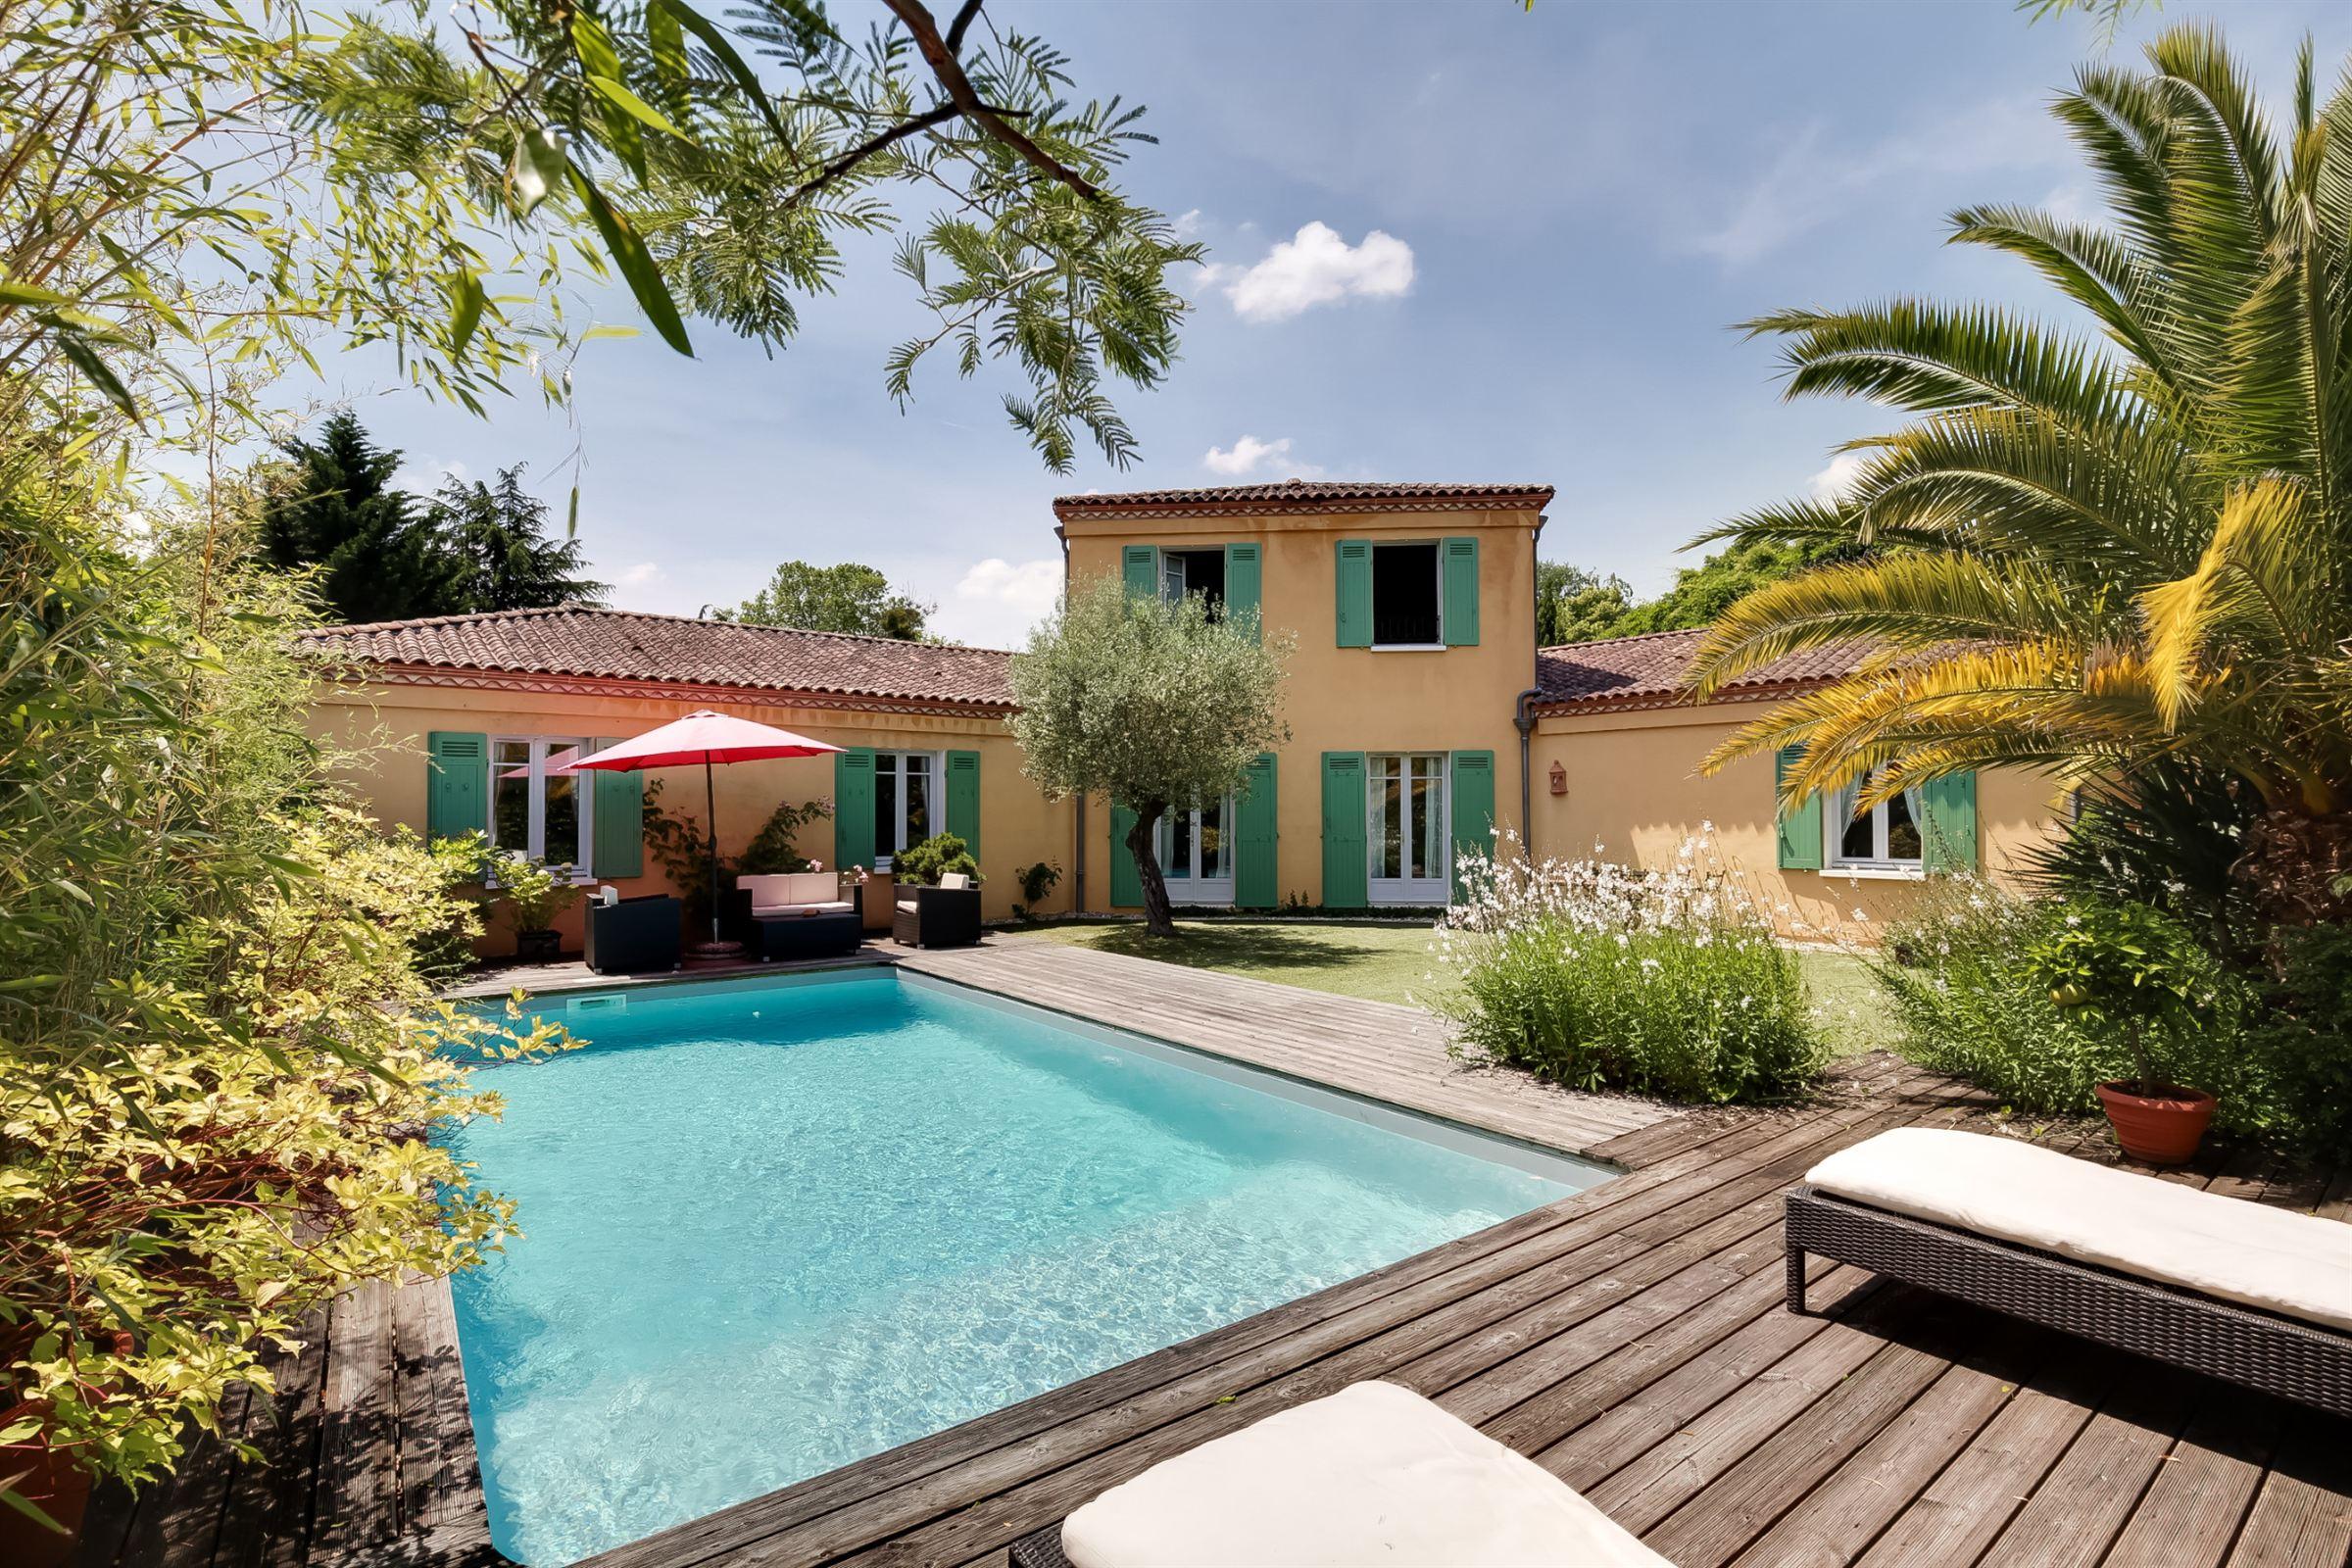 一戸建て のために 売買 アット BORDEAUX – NEAR THE BORDELAIS GOLF COURSE - BEAUTIFUL HOME WITH LARGE GARDEN Bordeaux, アキテーヌ, 33200 フランス